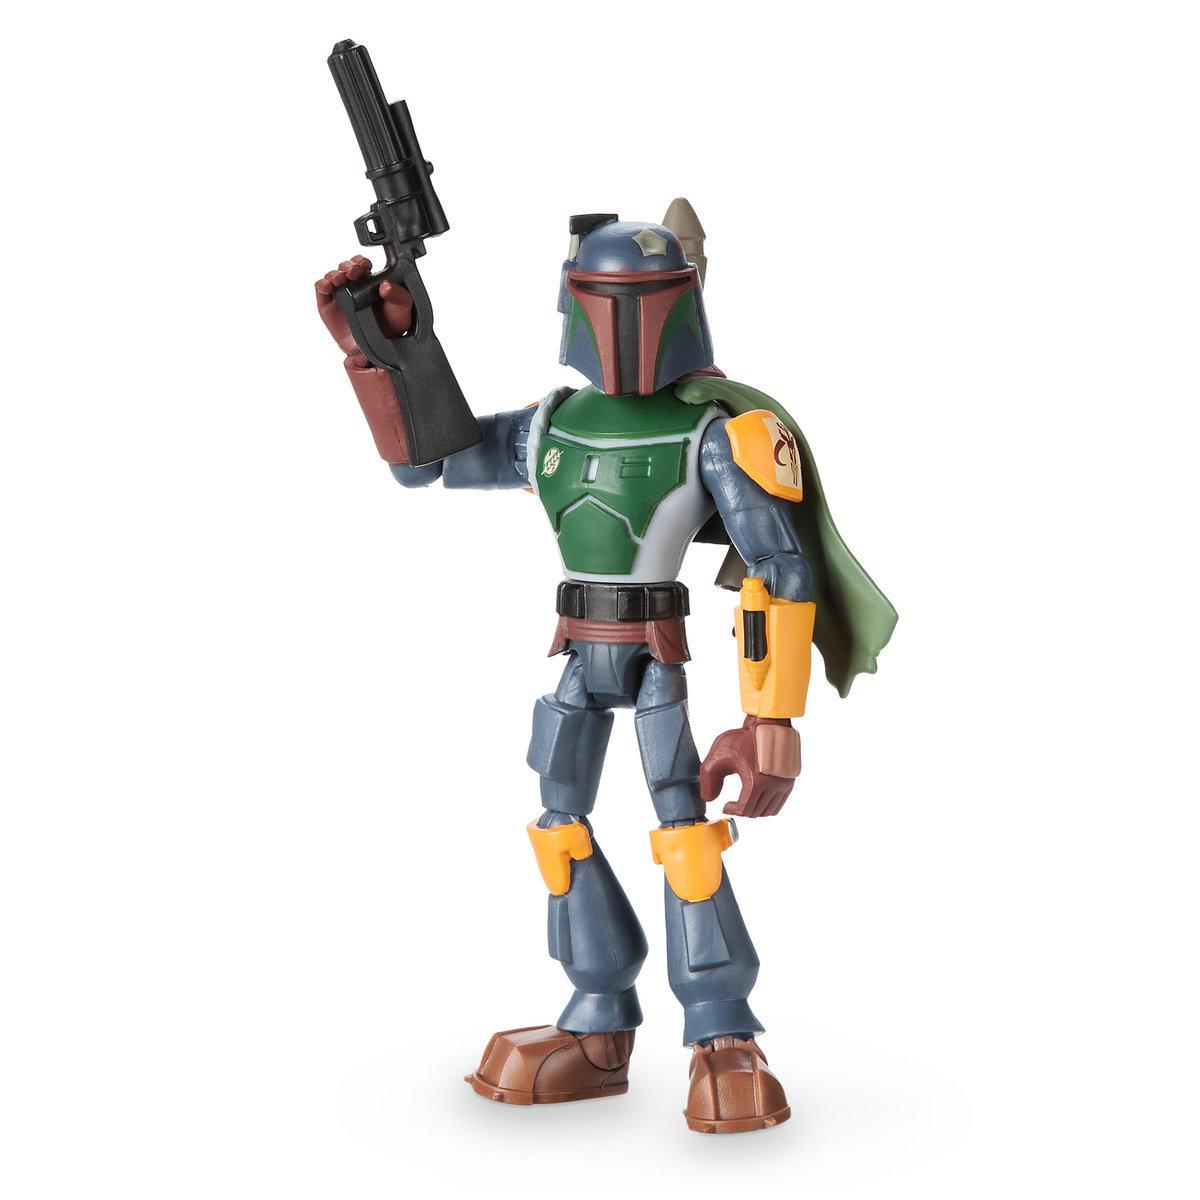 Boba Fett Amp Luke Skywalker Star Wars Toybox Action Figures